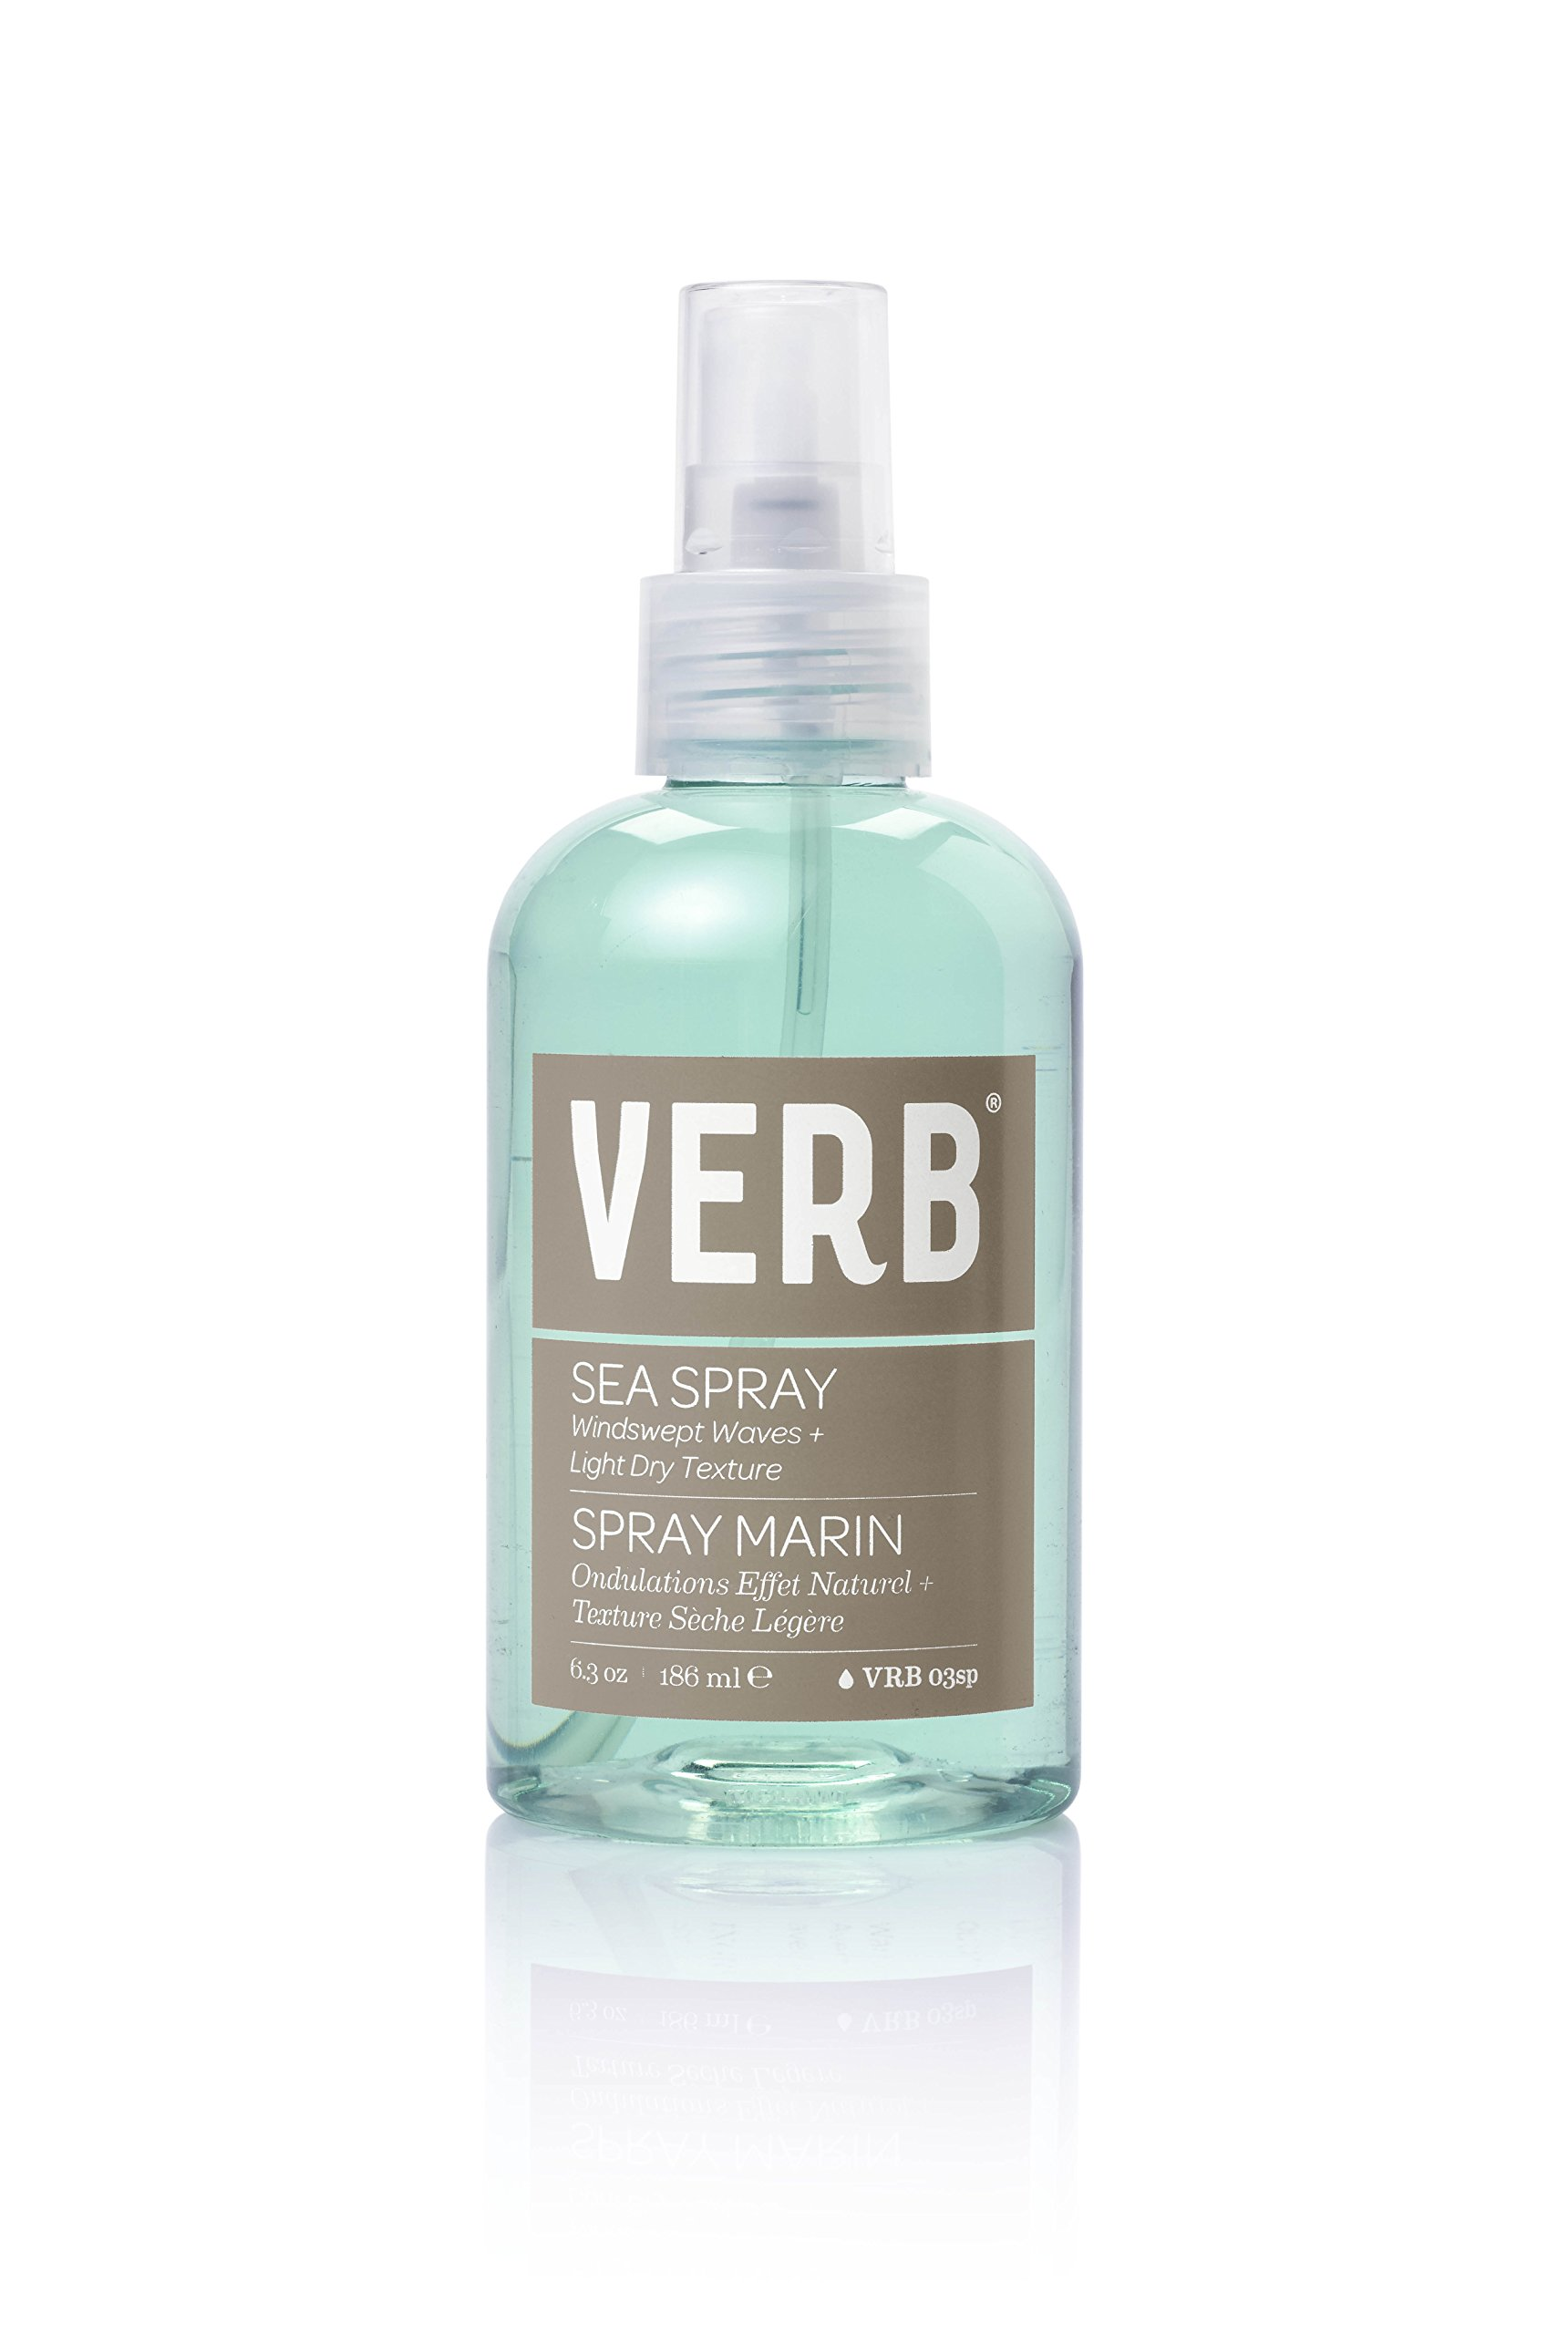 Verb Sea Spray,  6.3 Fl Oz by verb